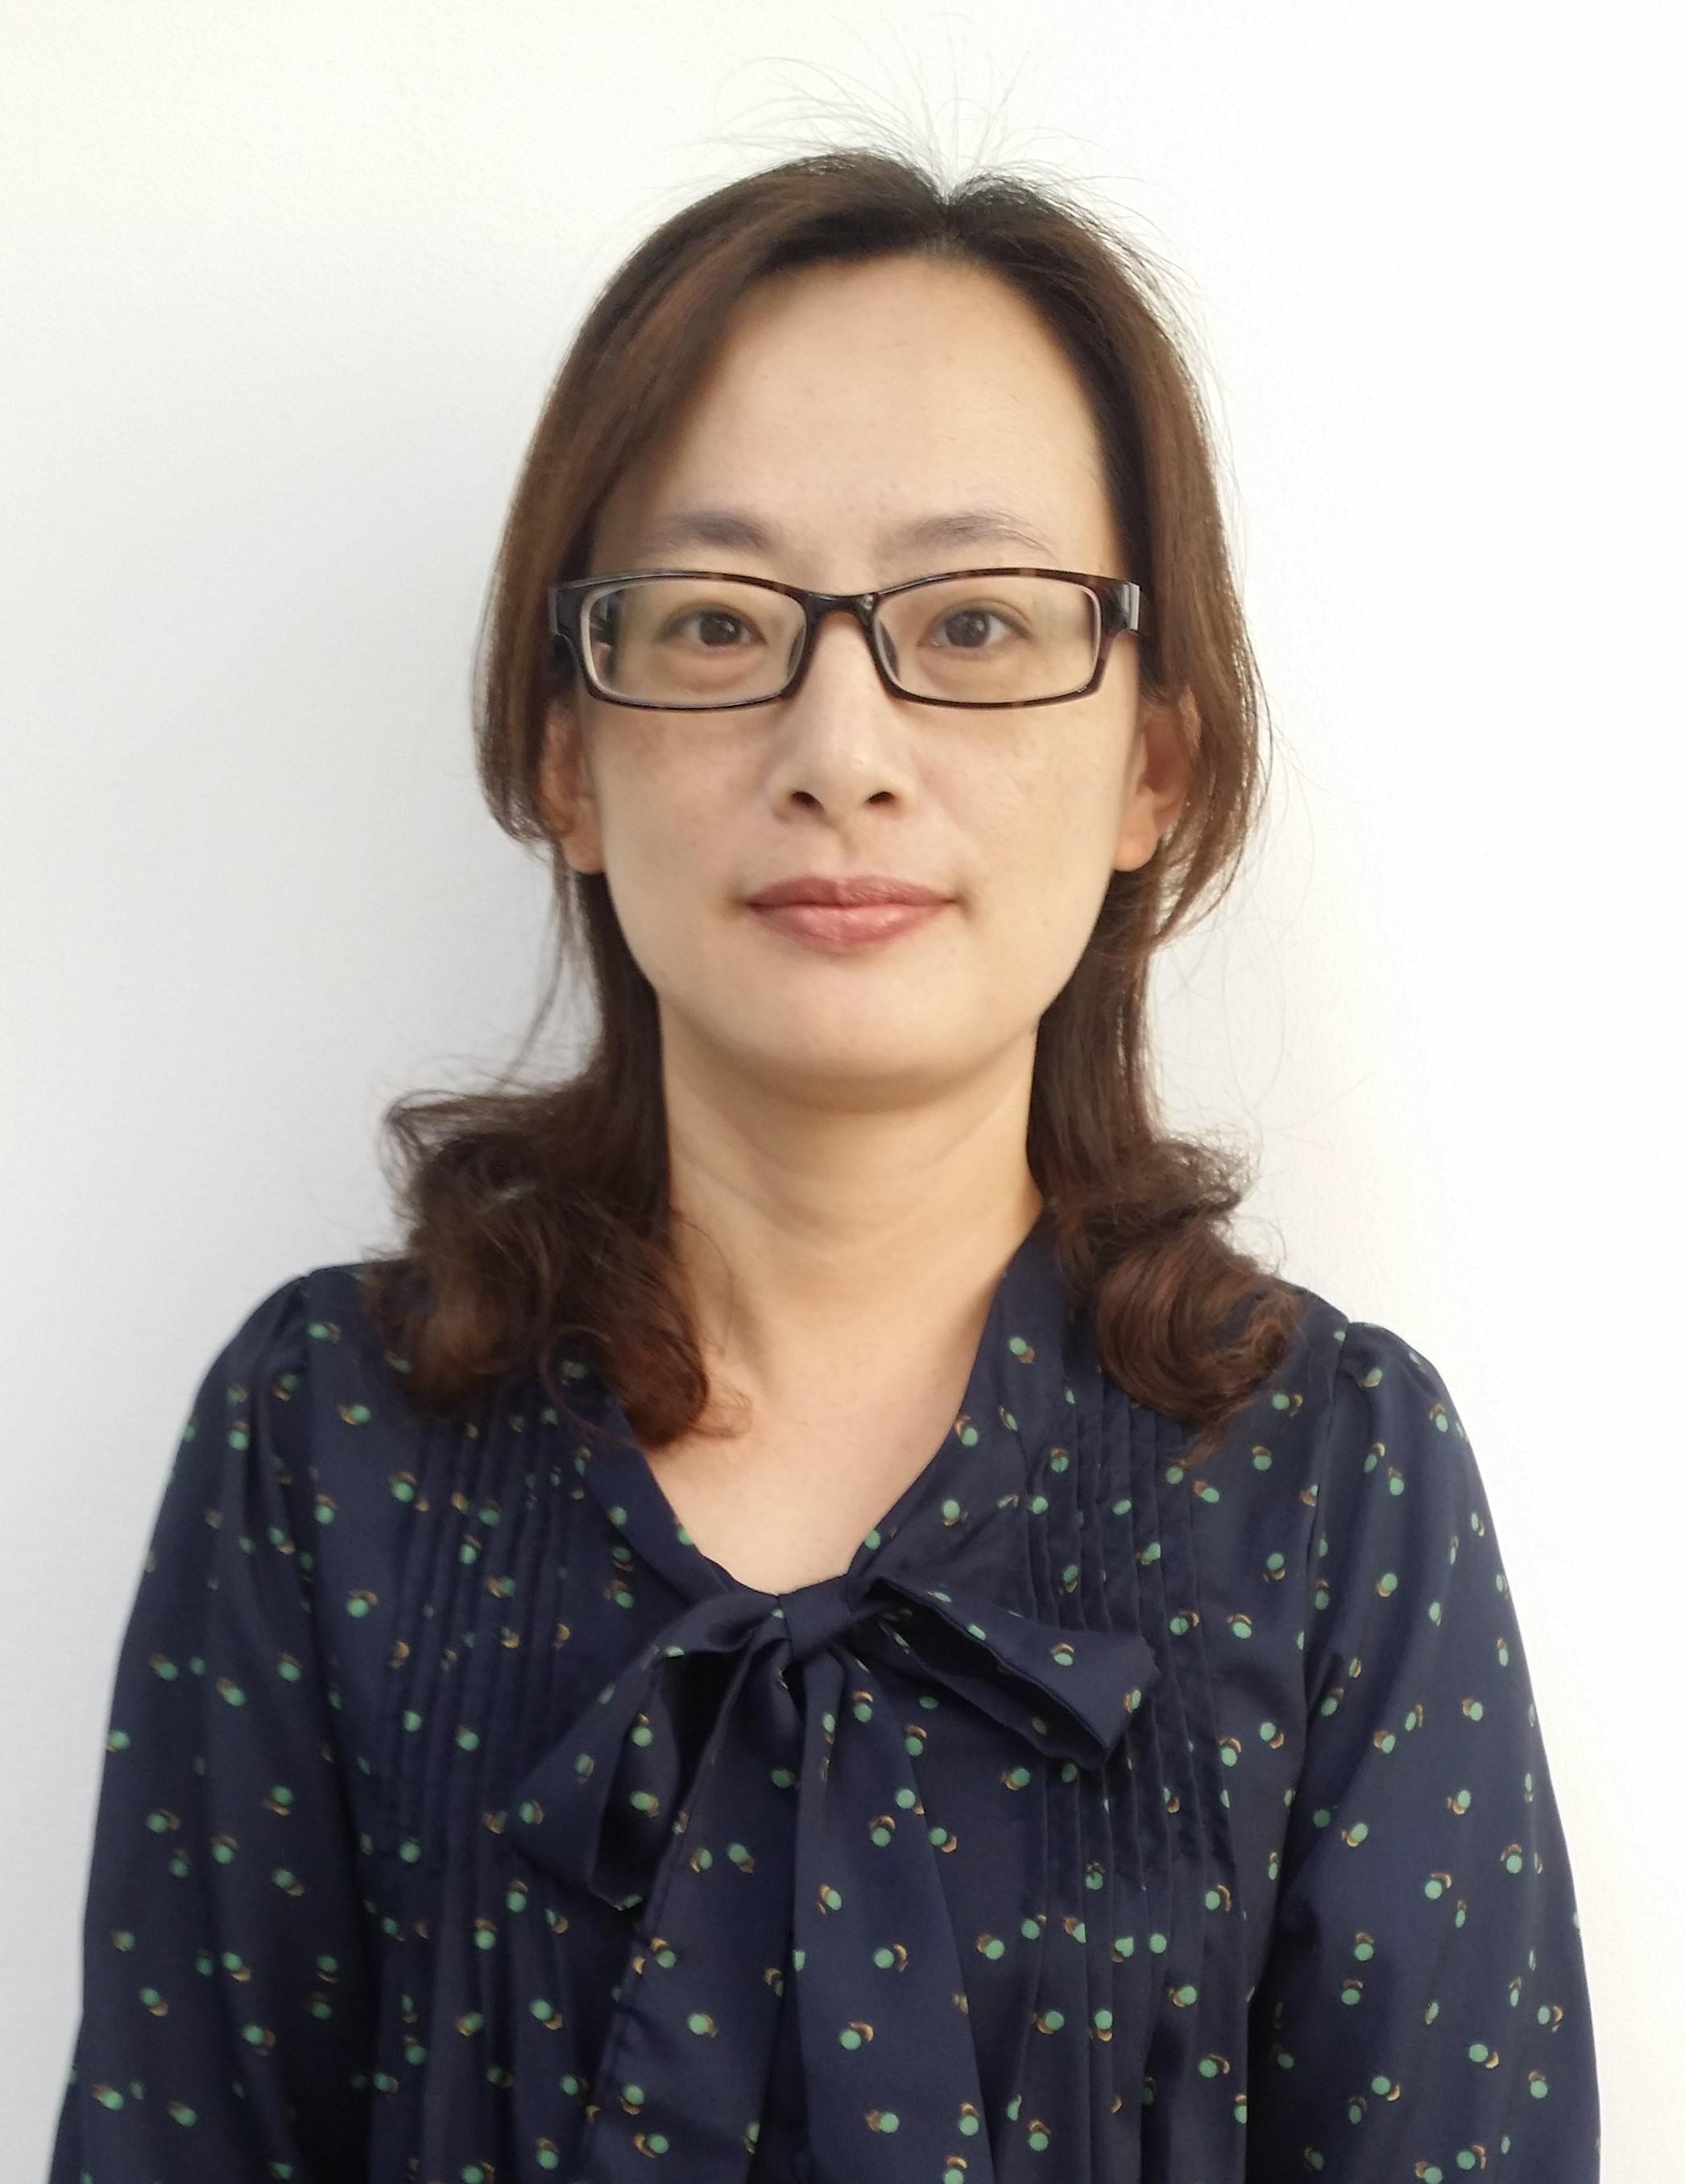 教師 「張南薰」老師照片